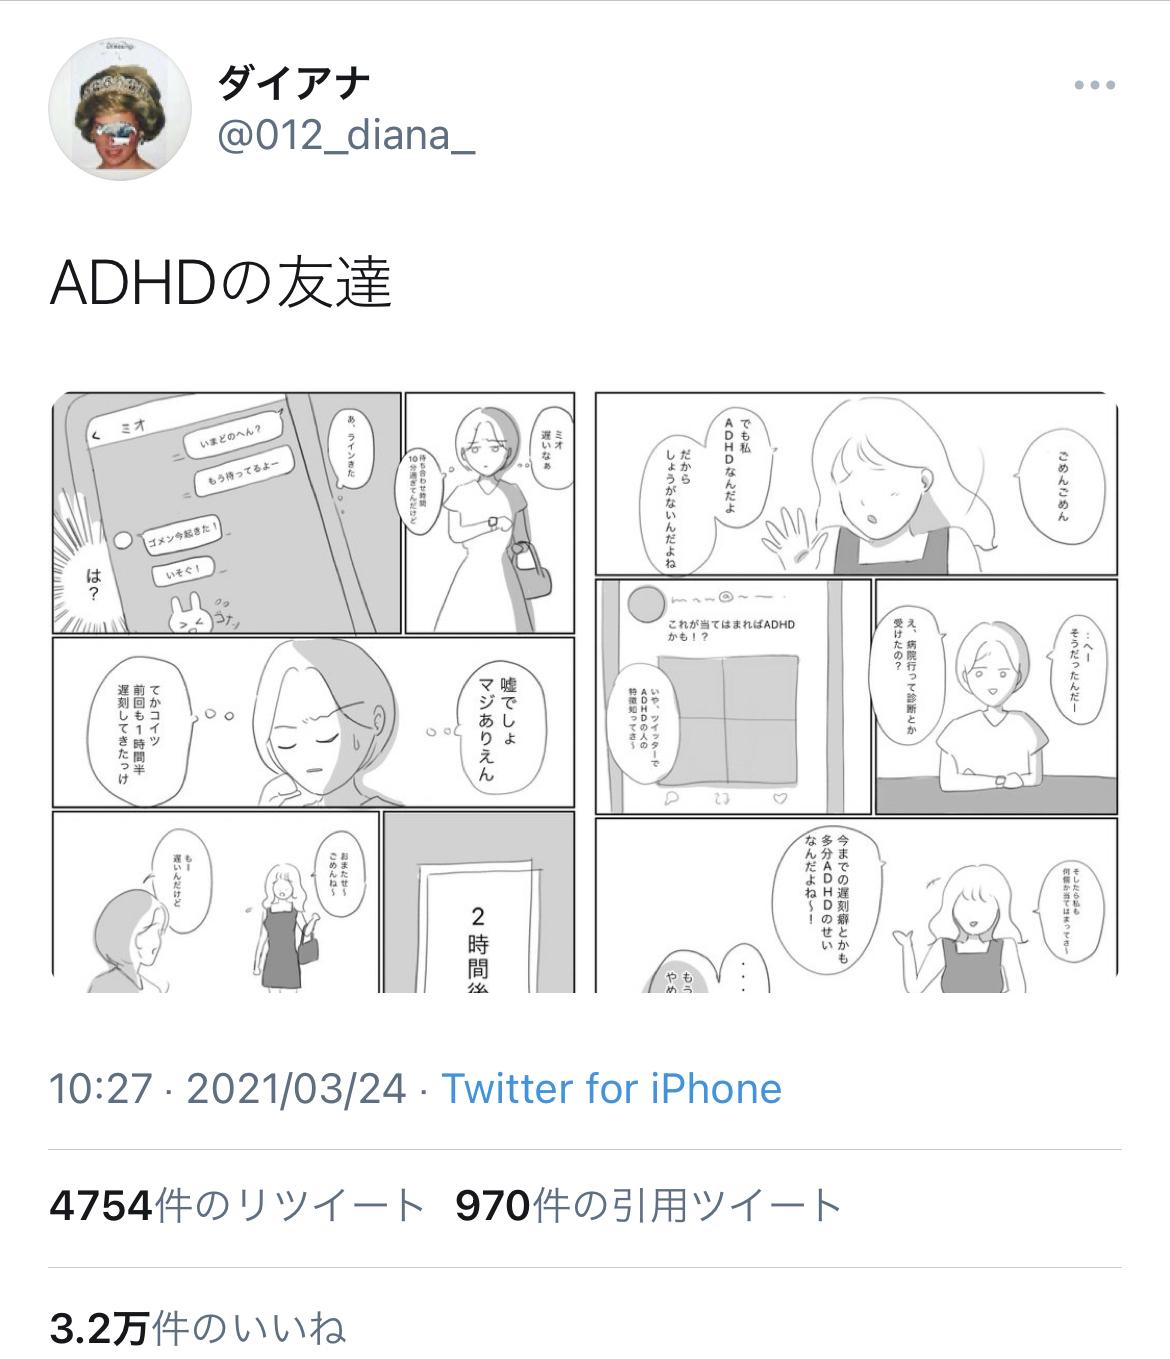 【漫画】女性「診断されてもないのにADHDを名乗ってる奴とは縁切った方がいいよ」3万いいね